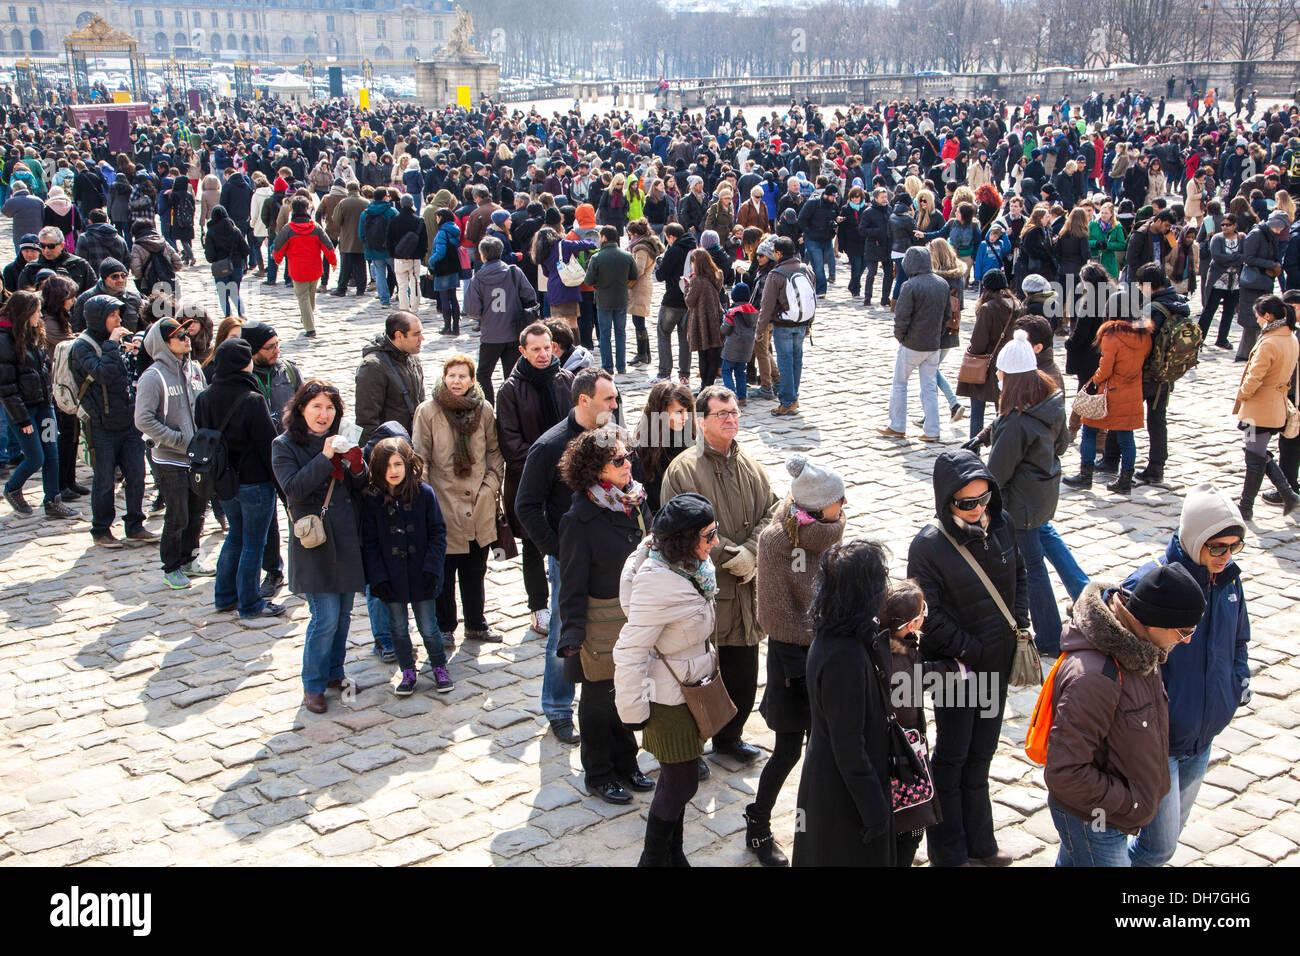 Queue de touristes, Château de Versailles, Paris, France Photo Stock